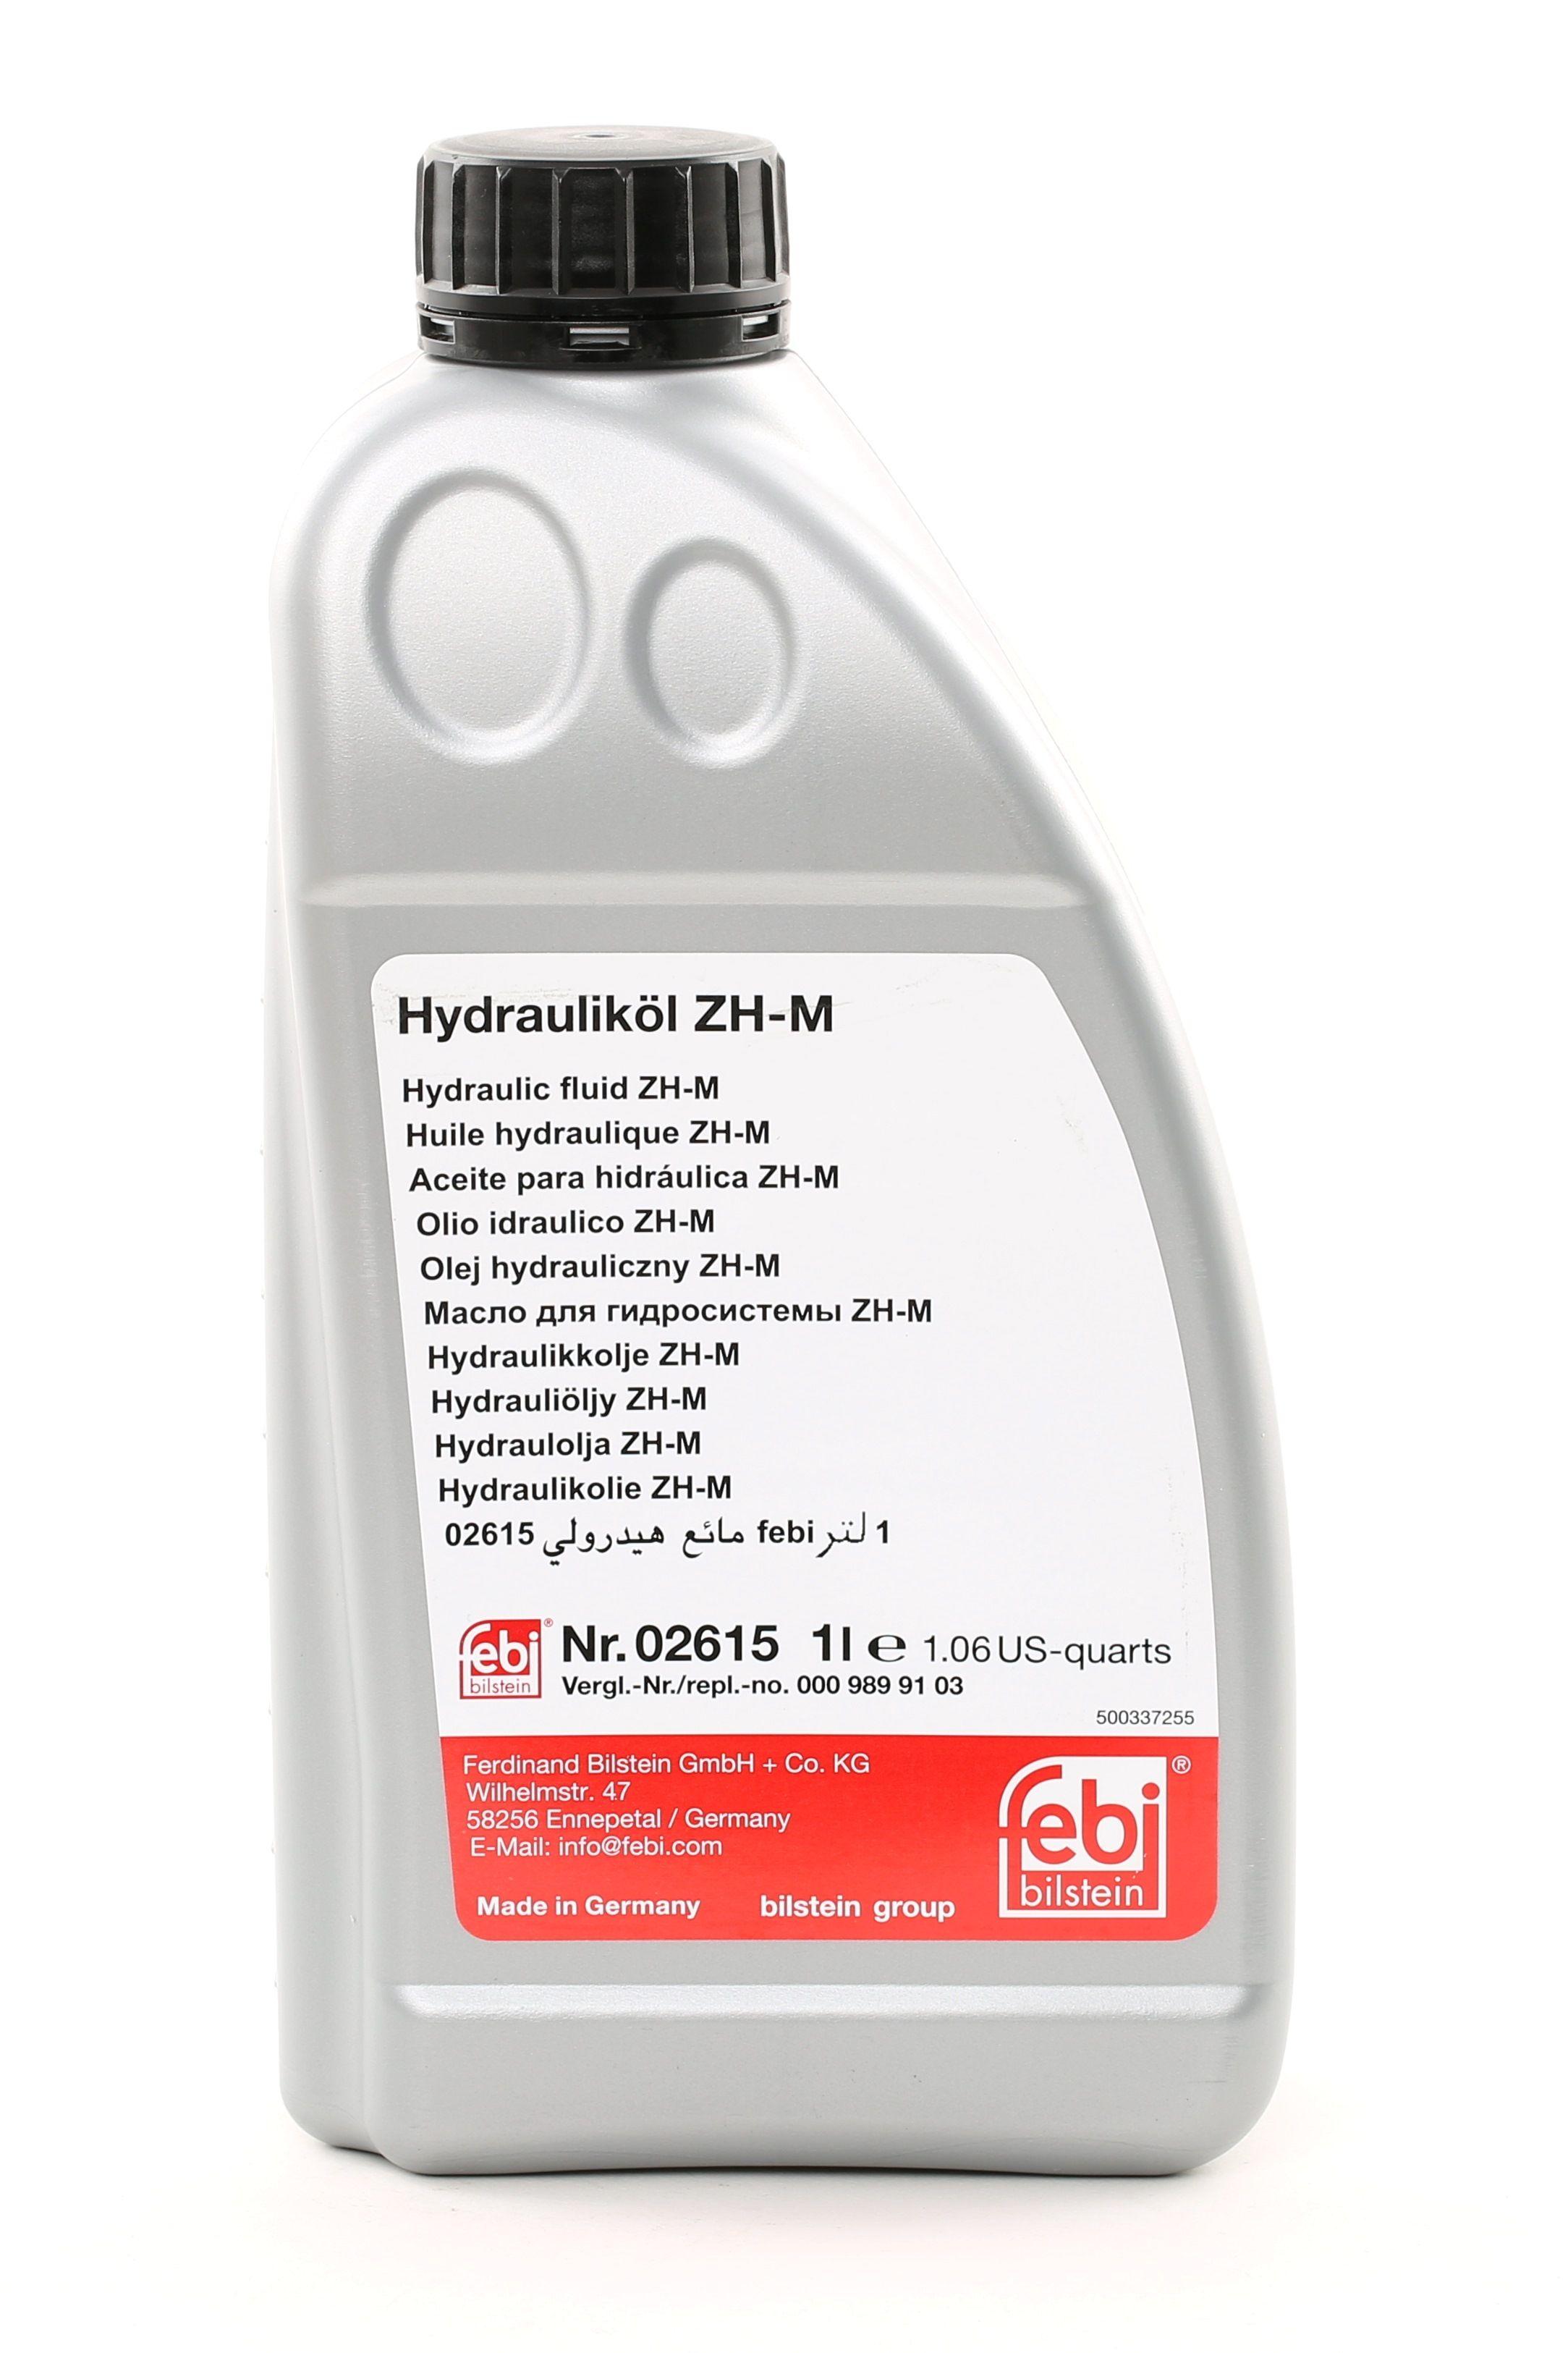 Hydrauliköl FEBI BILSTEIN 02615 Bewertung